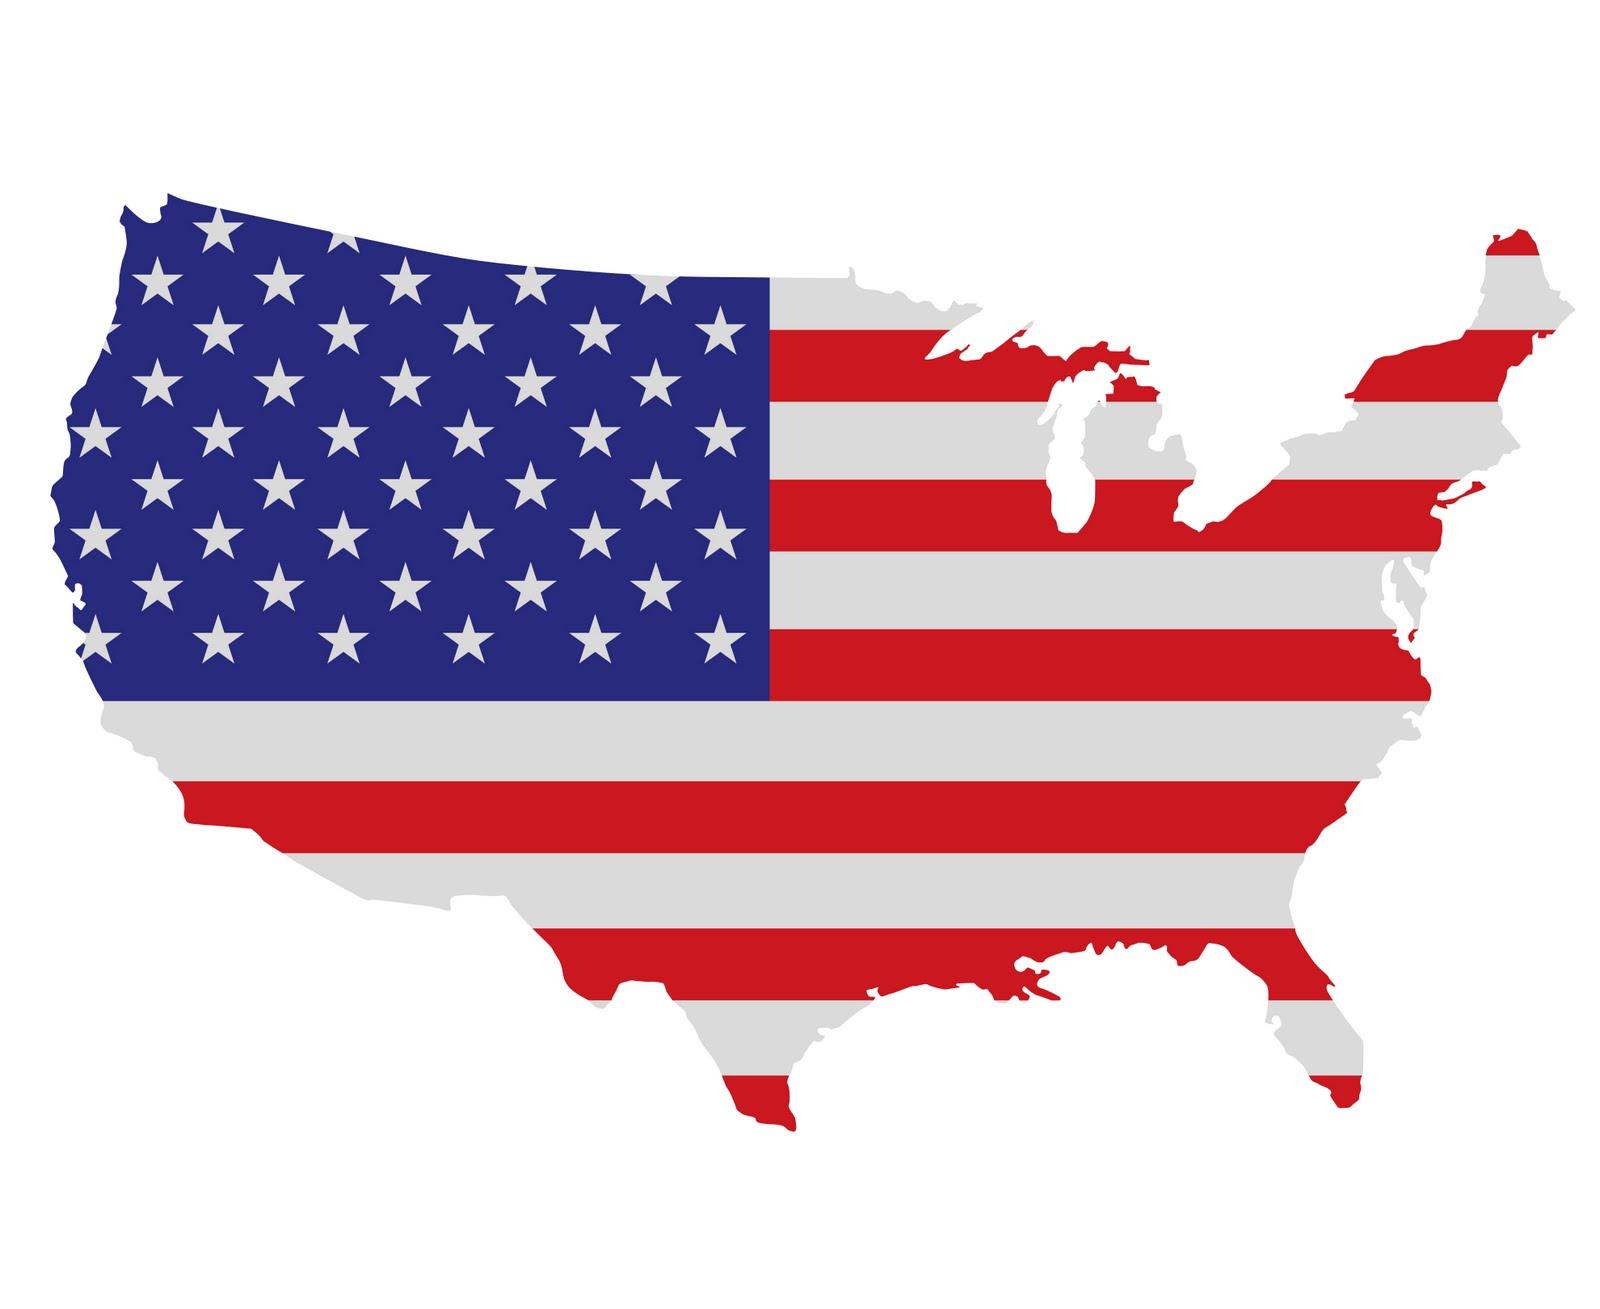 Séjour linguistique USA entre amis